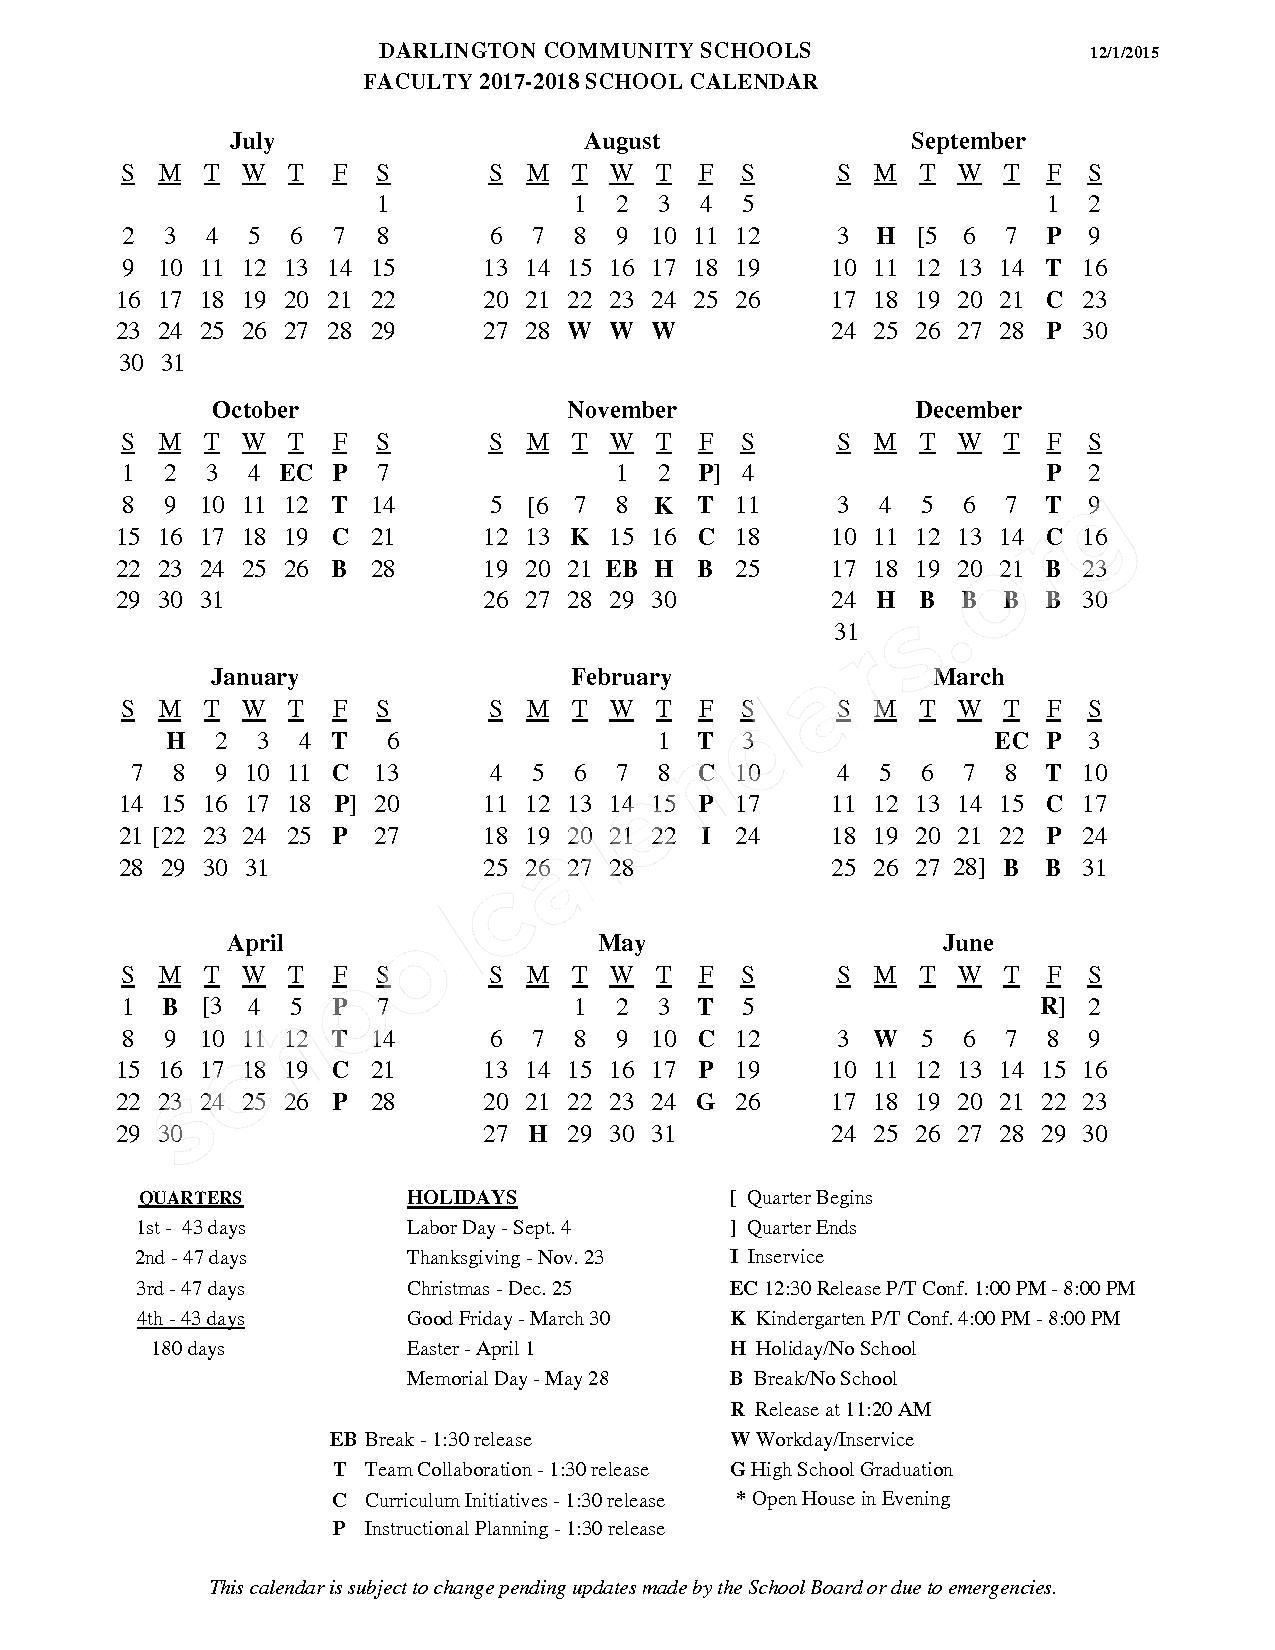 2017 - 2018 School Calendar – Darlington Community School District – page 1